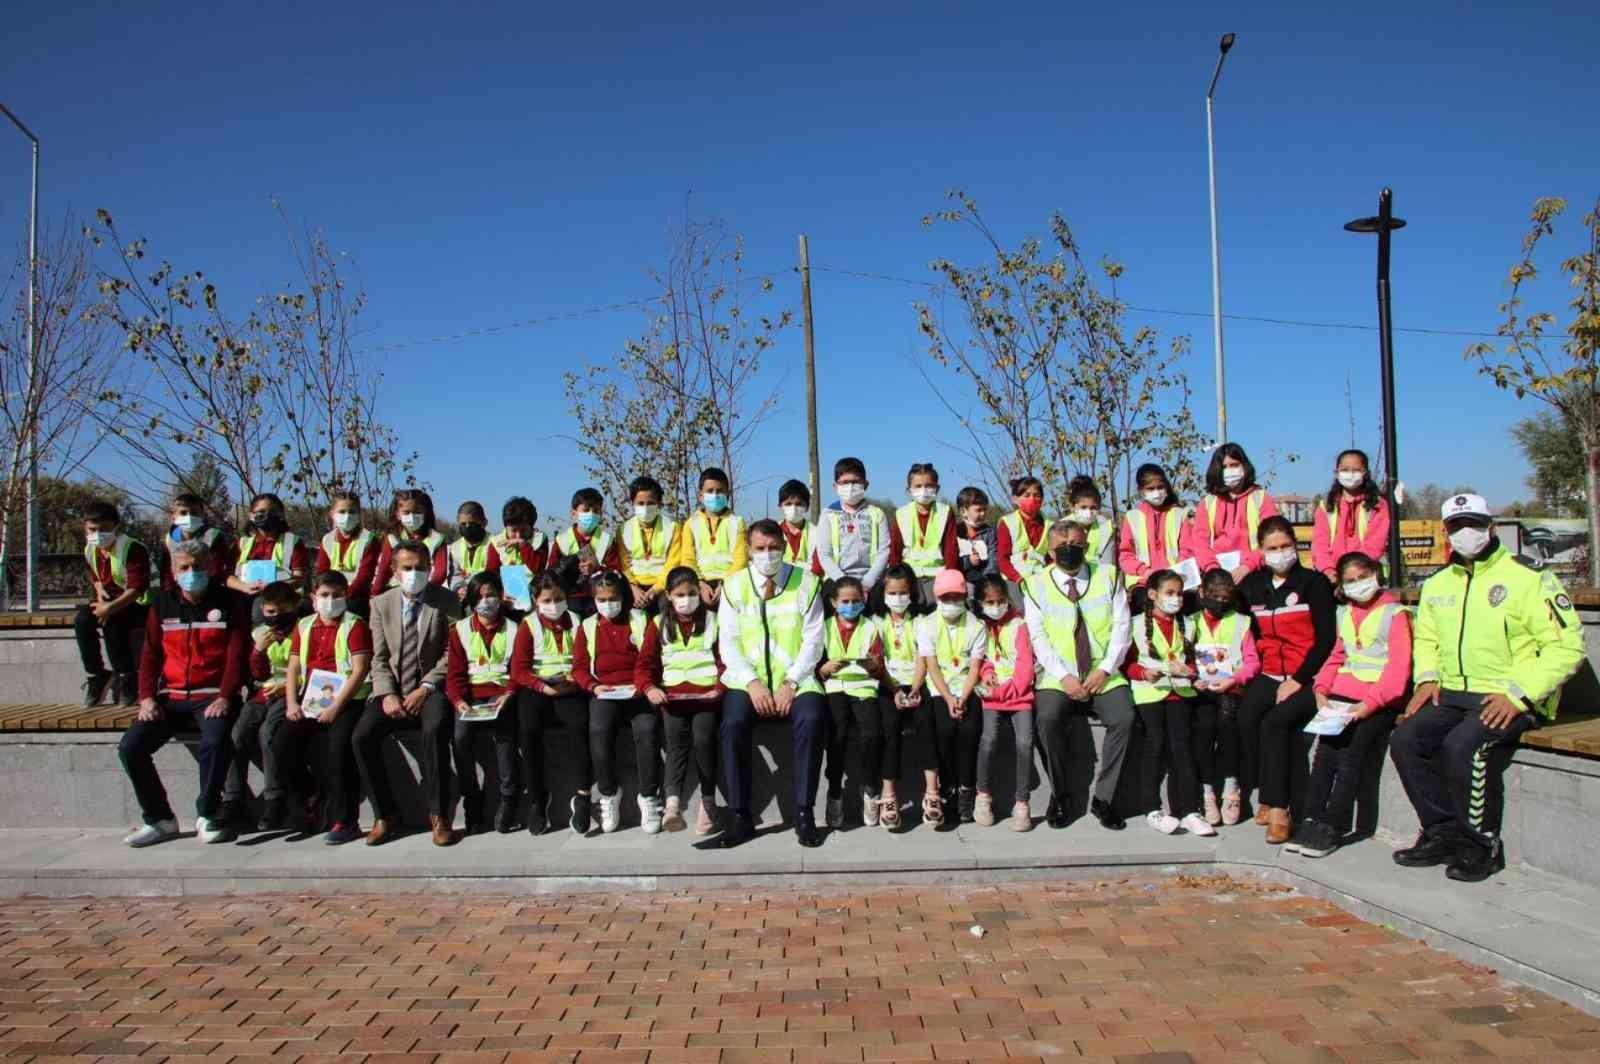 Sivas'ta 11 bin öğrenciye trafik eğitimi verilecek